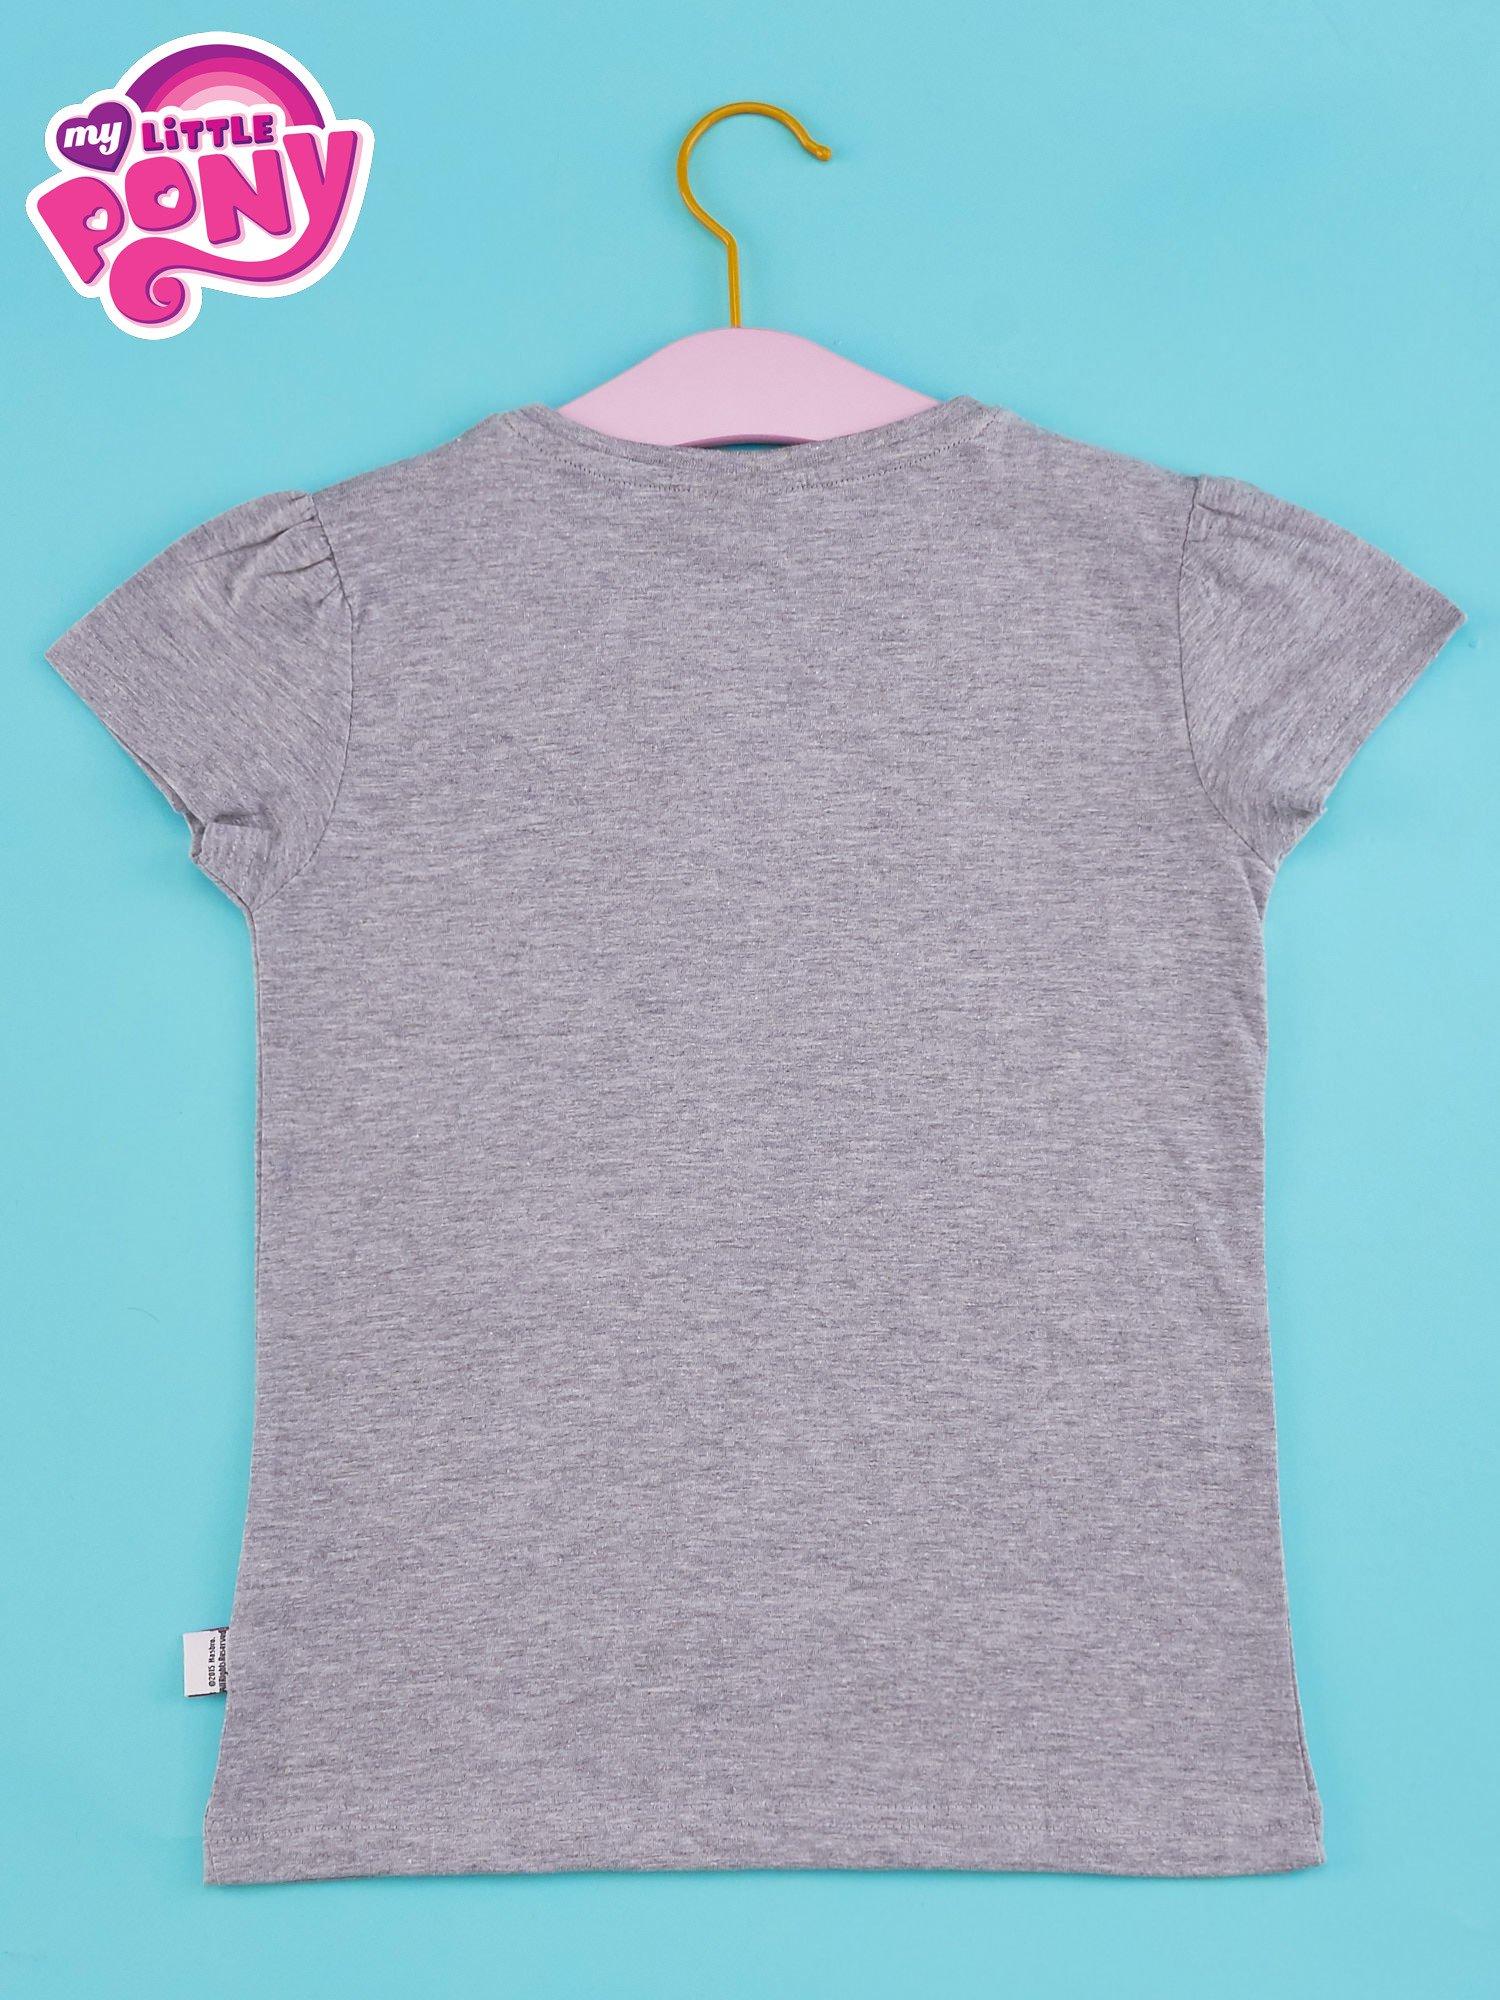 Szary t-shirt dla dziewczynki MY LITTLE PONY                                  zdj.                                  2